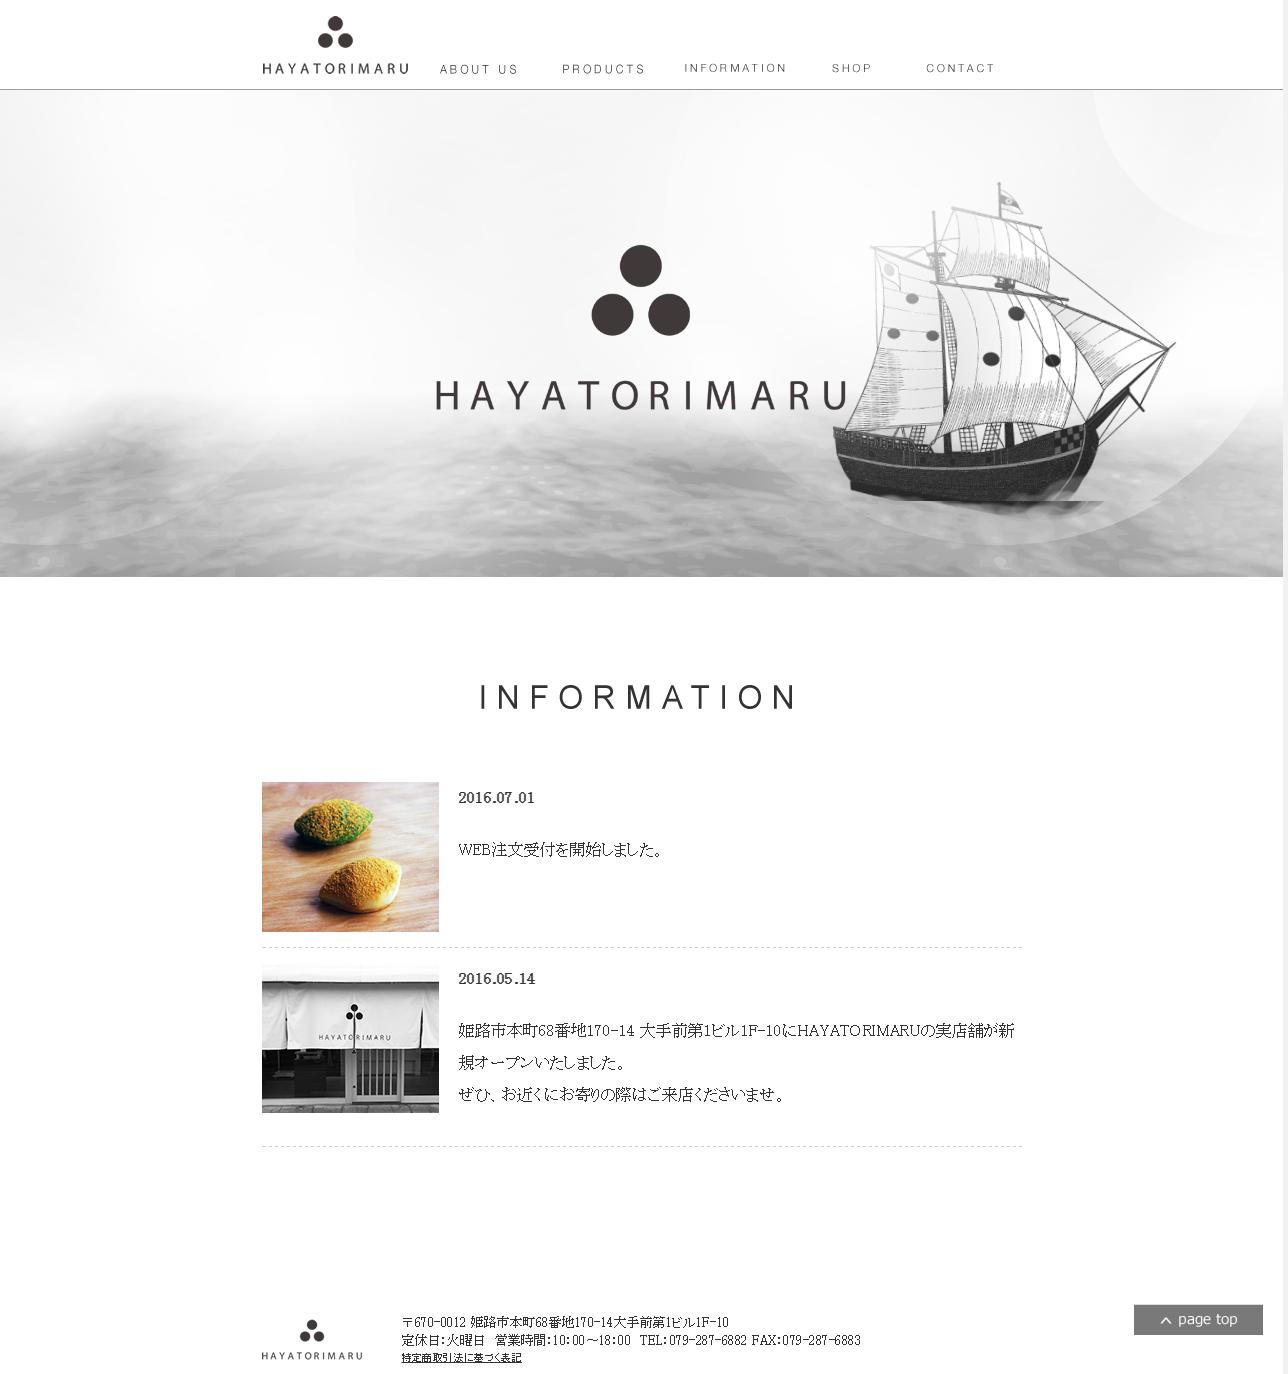 姫路市 HAYATORIMARU様 ホームページ制作1